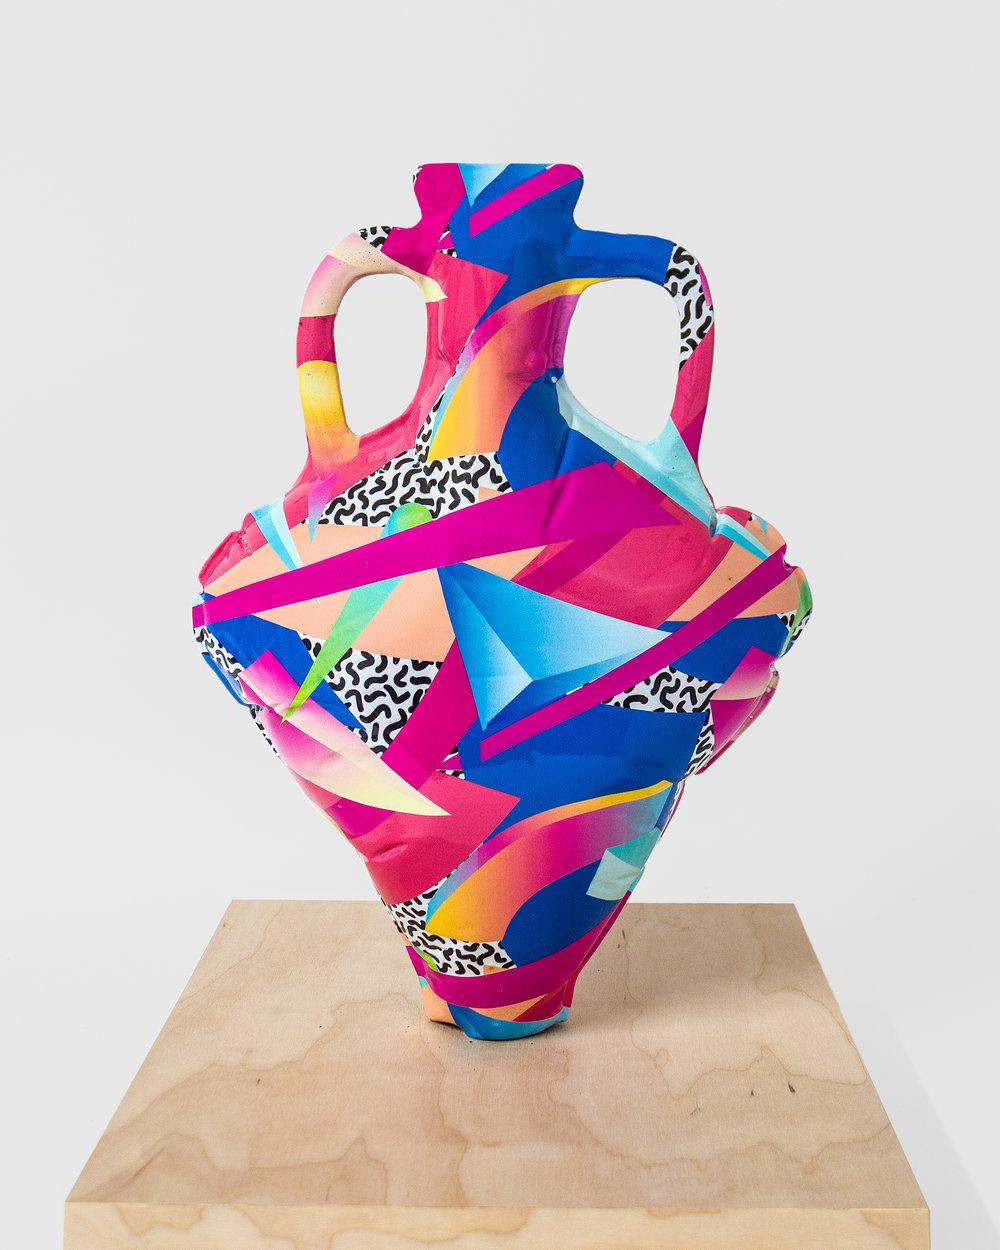 AdamParkerSmith_Sculpture6_Side5.jpg